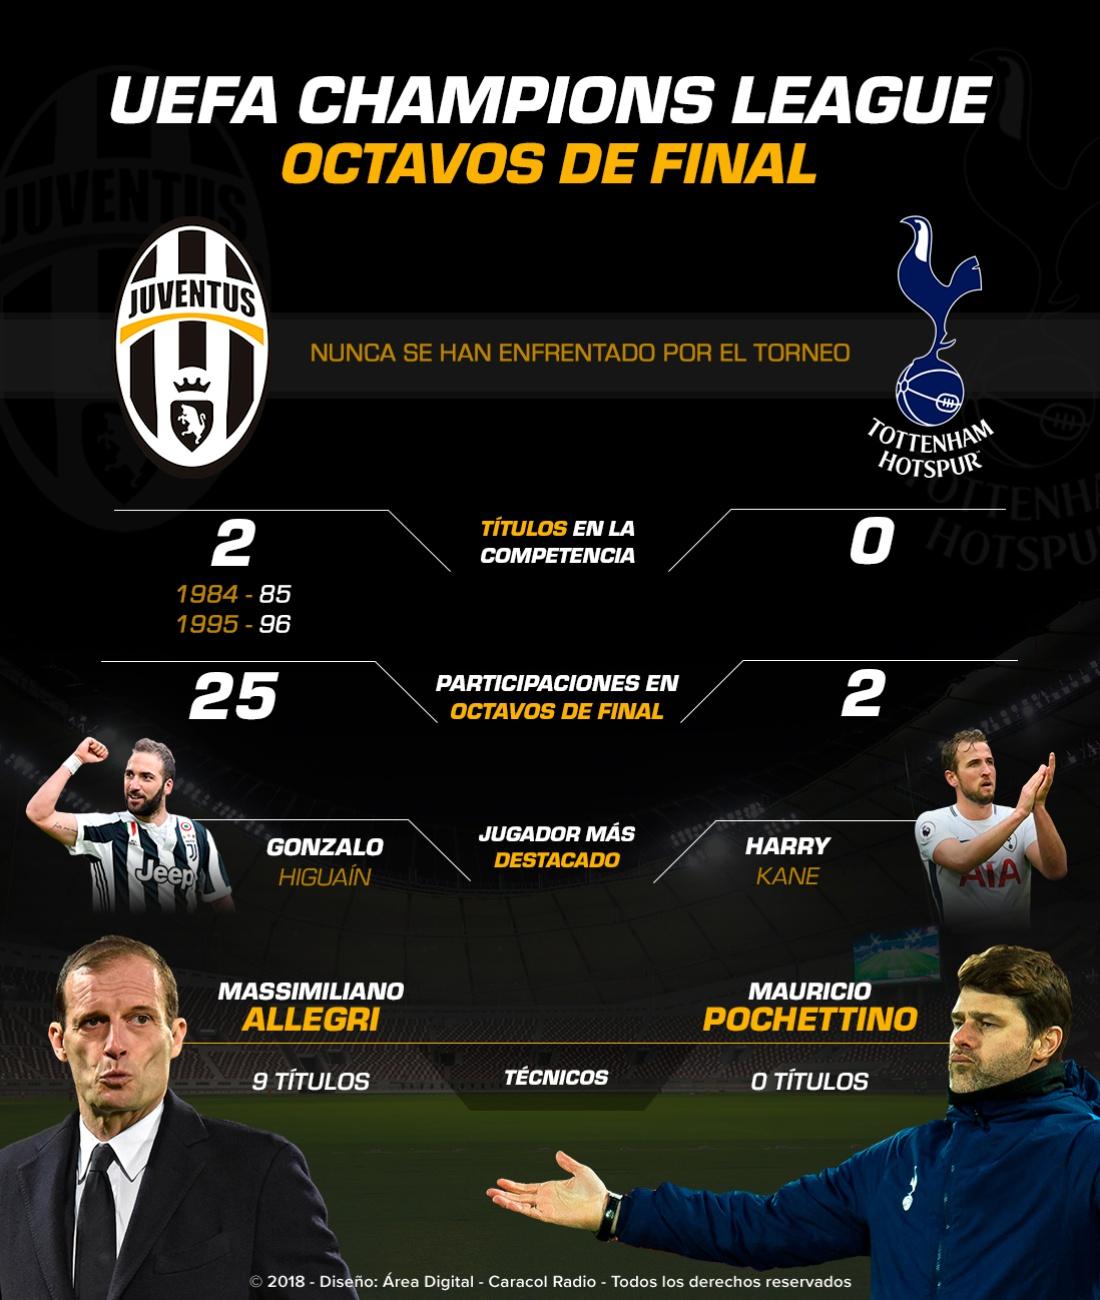 Juventus Vs. Tottenham: Juventus Vs. Tottenham, en Turín inicia la llave